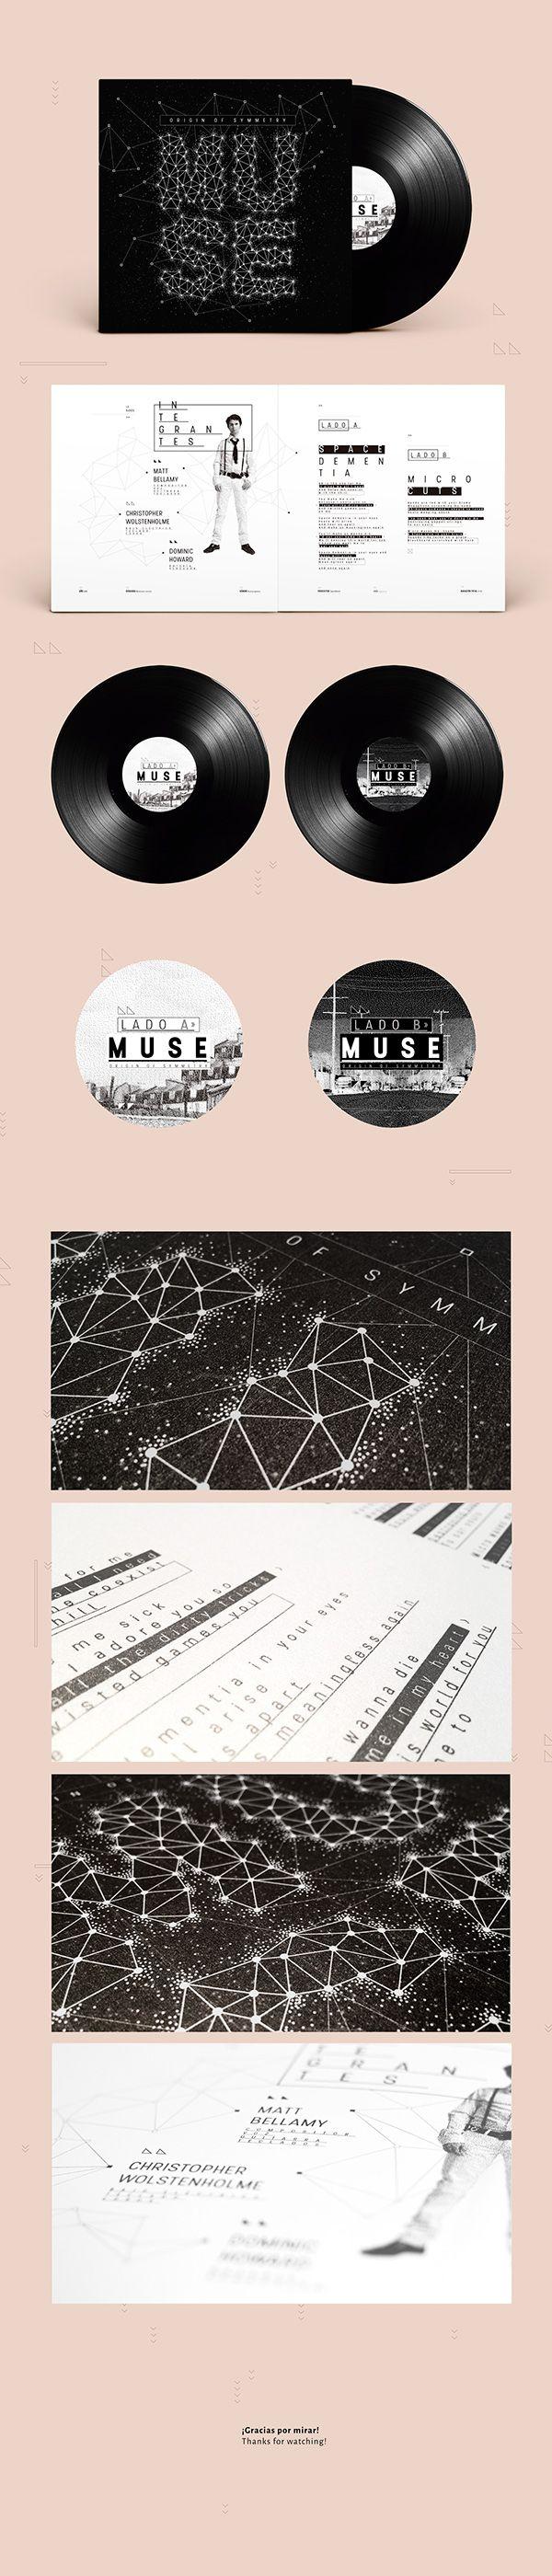 Proyecto realizado para la cátedra Cosgaya de la materia Tipografía II, Carrera de Diseño Gráfico, FADU UBA. Año 2016